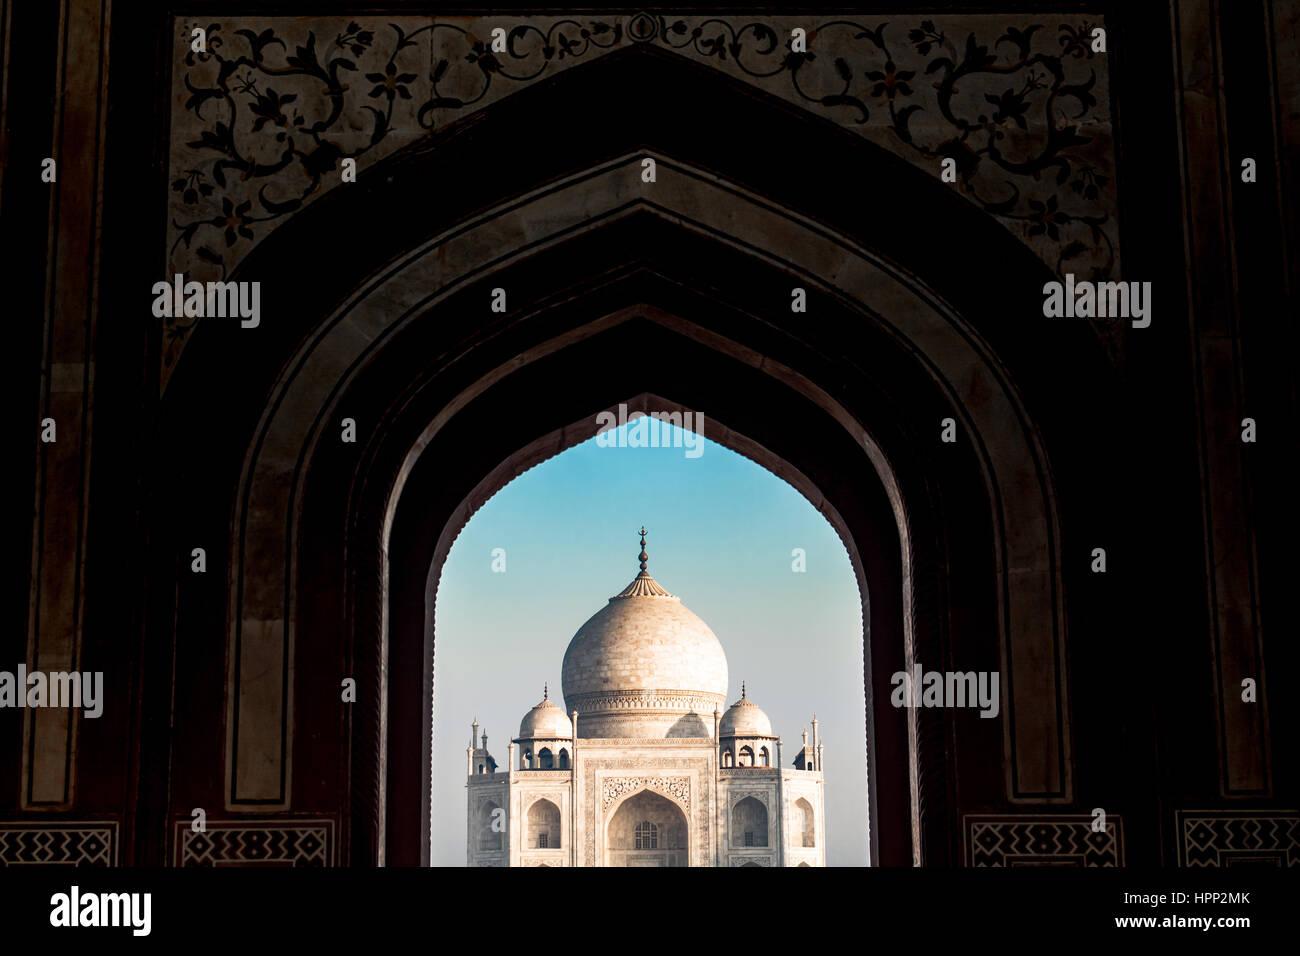 Vista lejana del Taj Mahal detrás de puertas arcos de entrada Imagen De Stock